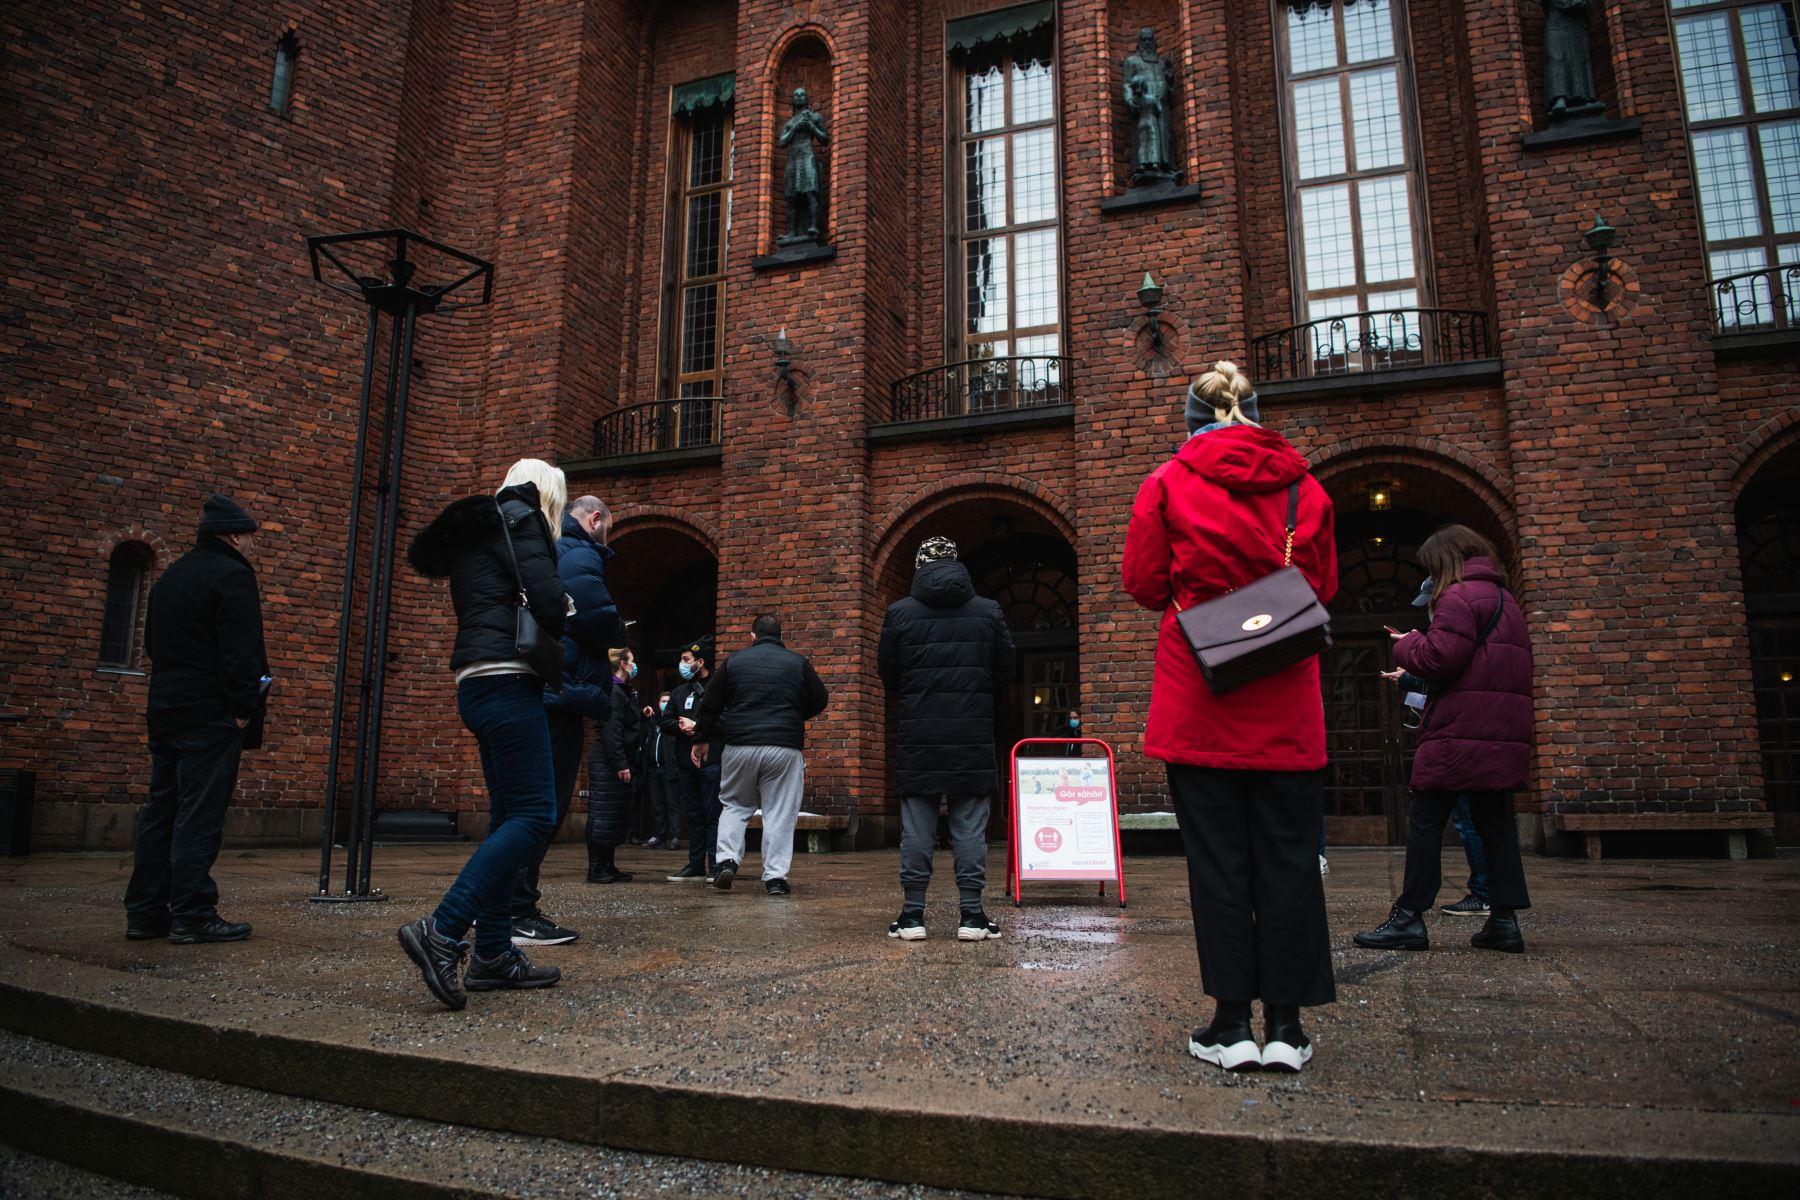 La gente espera su turno para entrar al Ayuntamiento de Estocolmo, conocido como sede de los banquetes del Premio Nobel y convertido ahora en un centro de vacunación covid-19  en la capital de Suecia, en medio del nuevo coronavirus. Foto: AFP